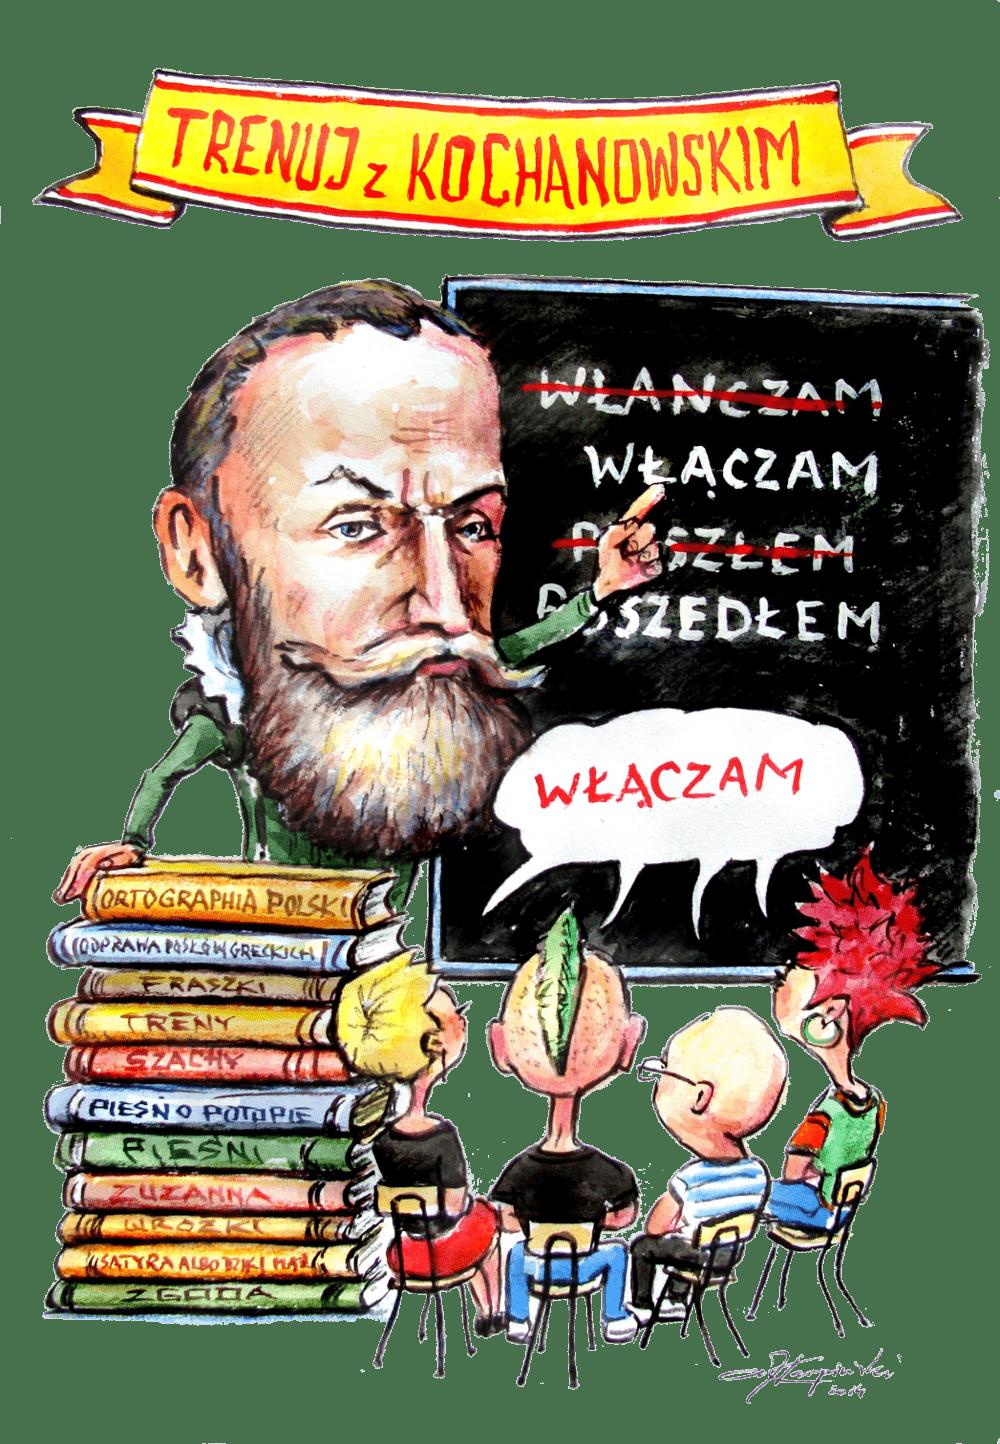 patron szkoły Jan Kochanowski